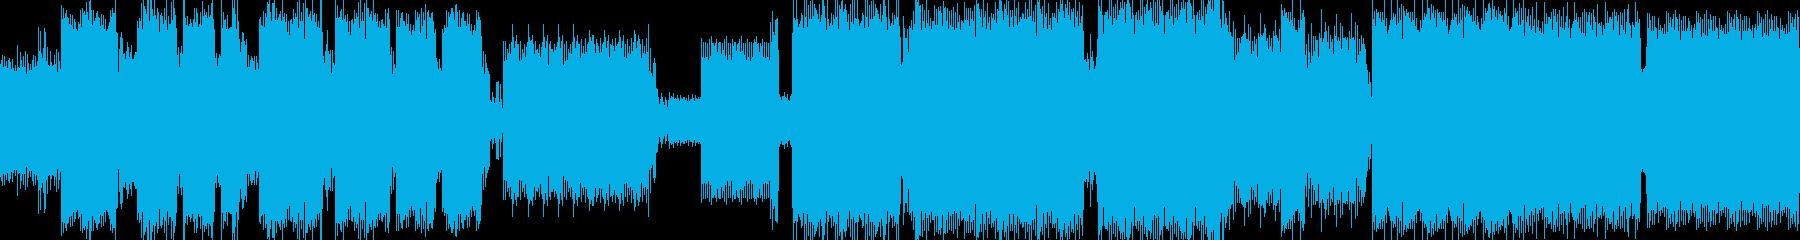 エレクトロニック、プログレッシブ、テクノの再生済みの波形